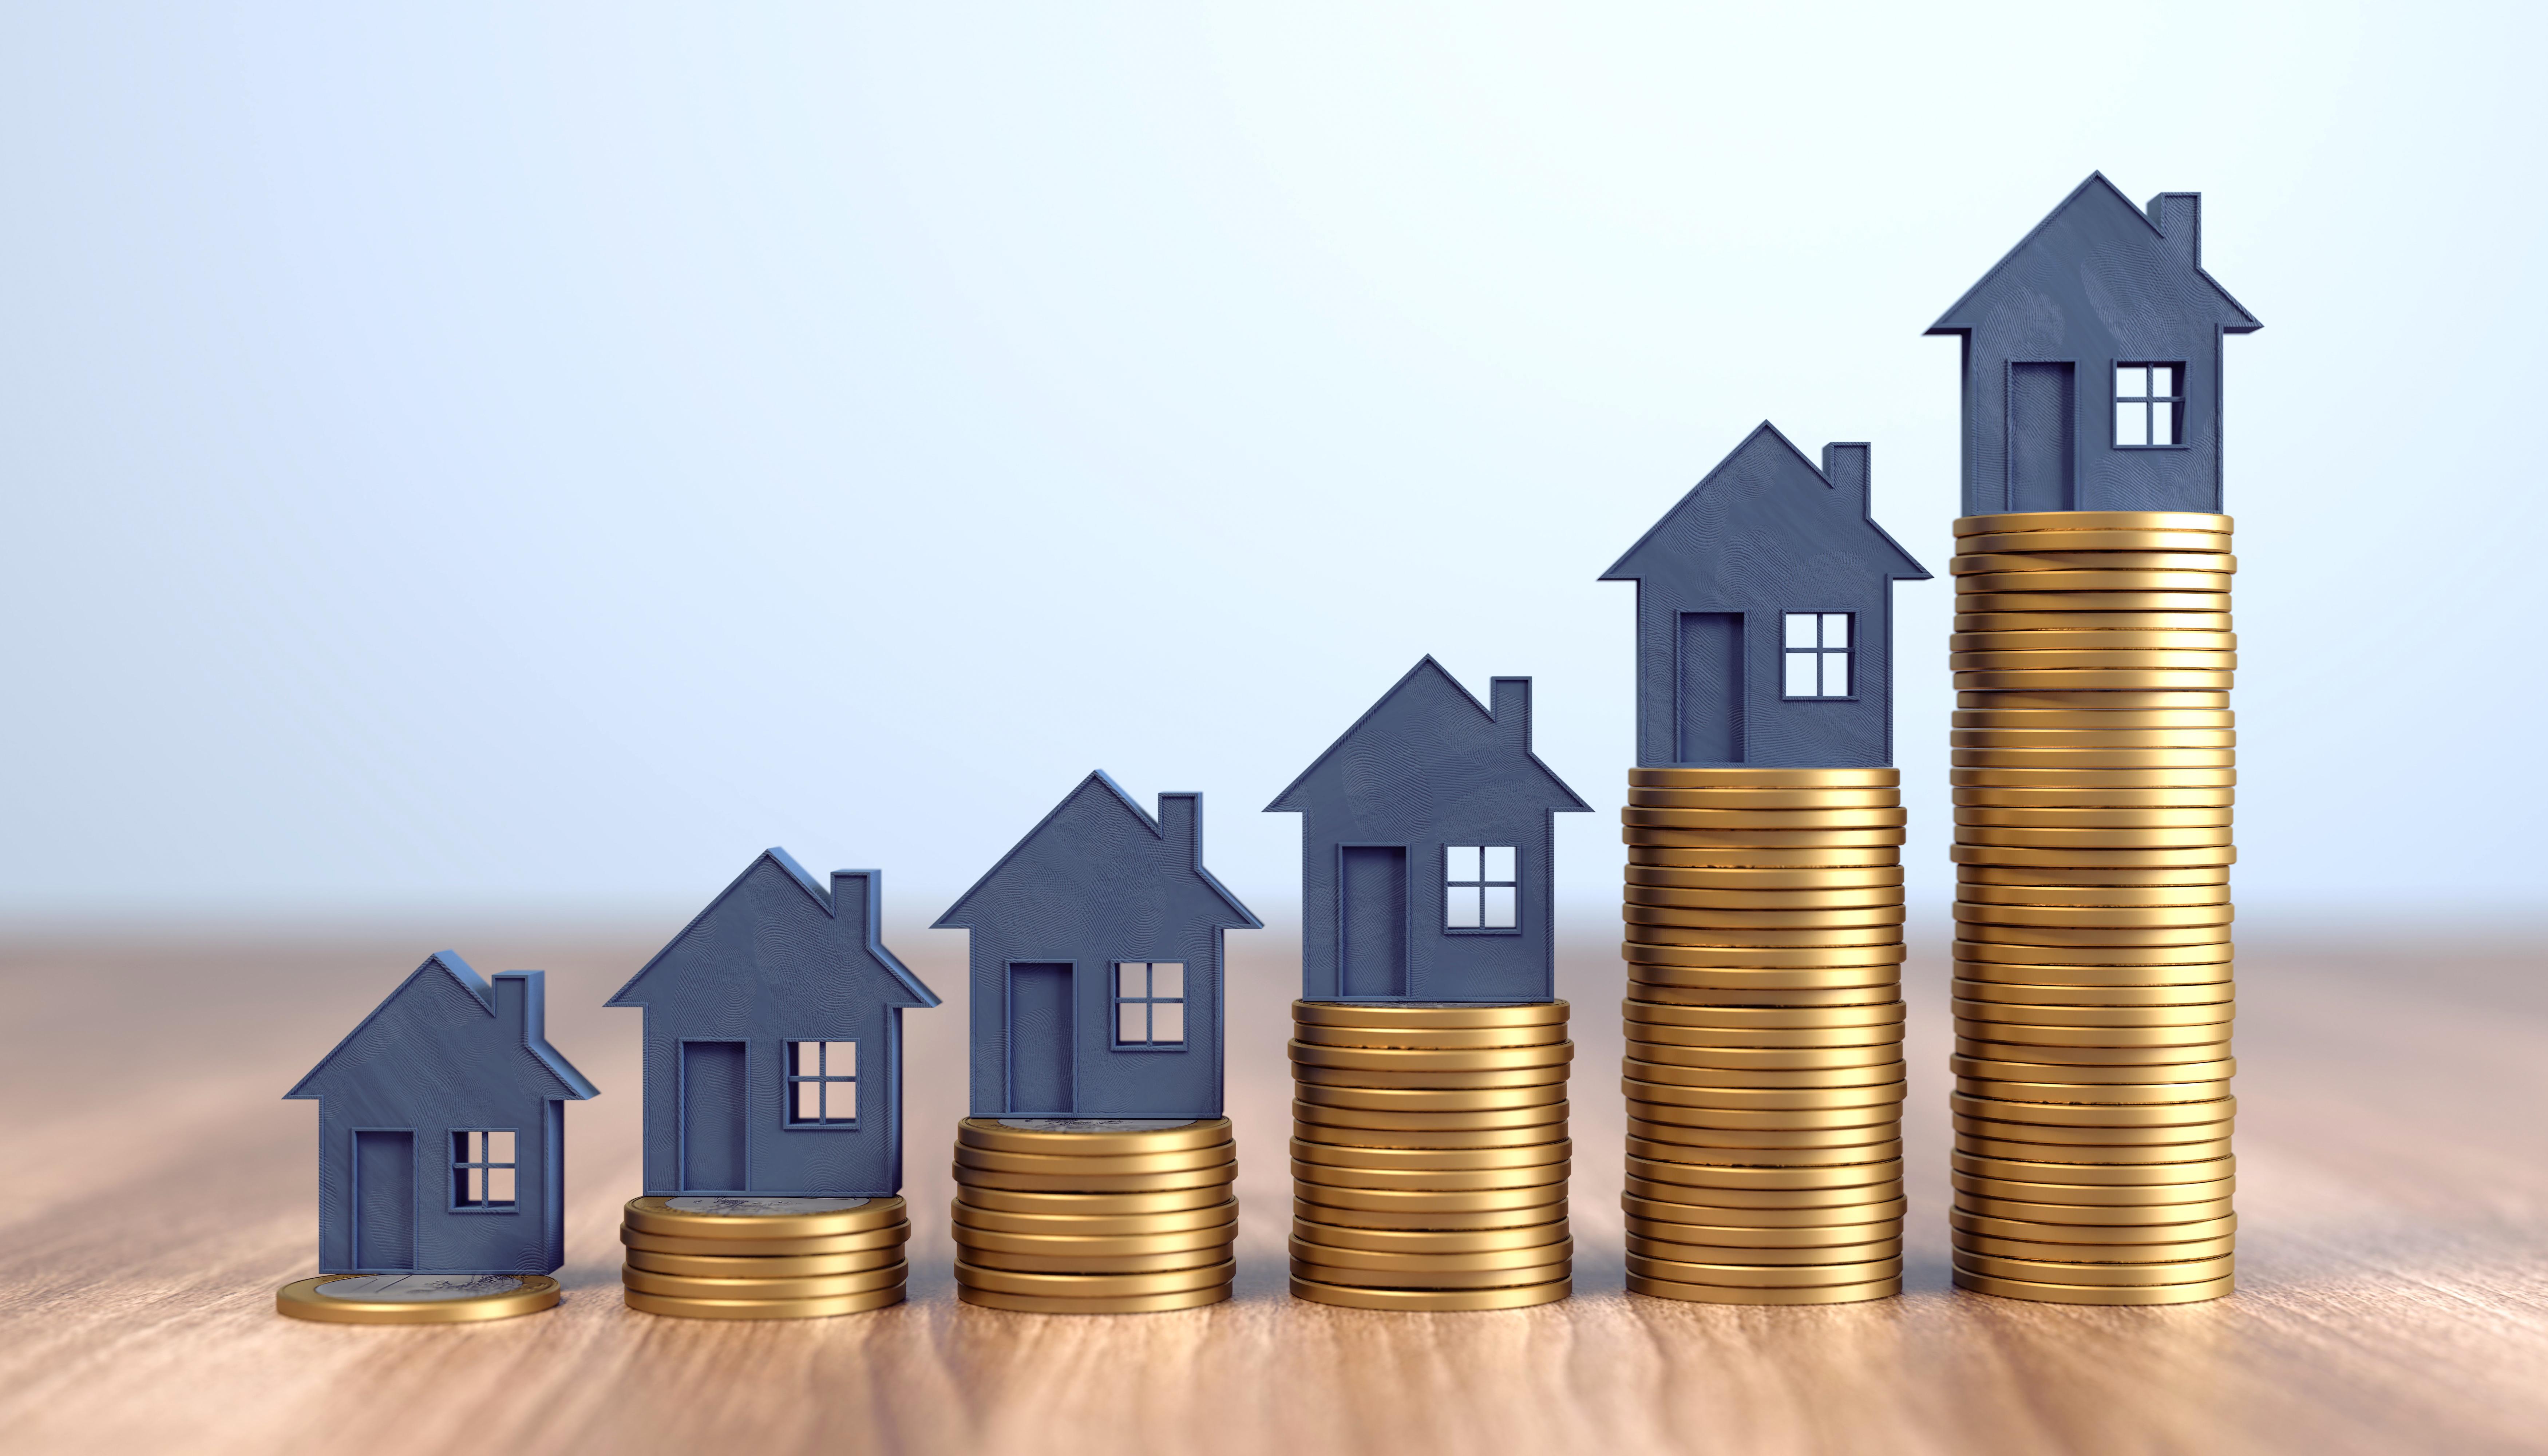 prix de l'immobilier en hausse